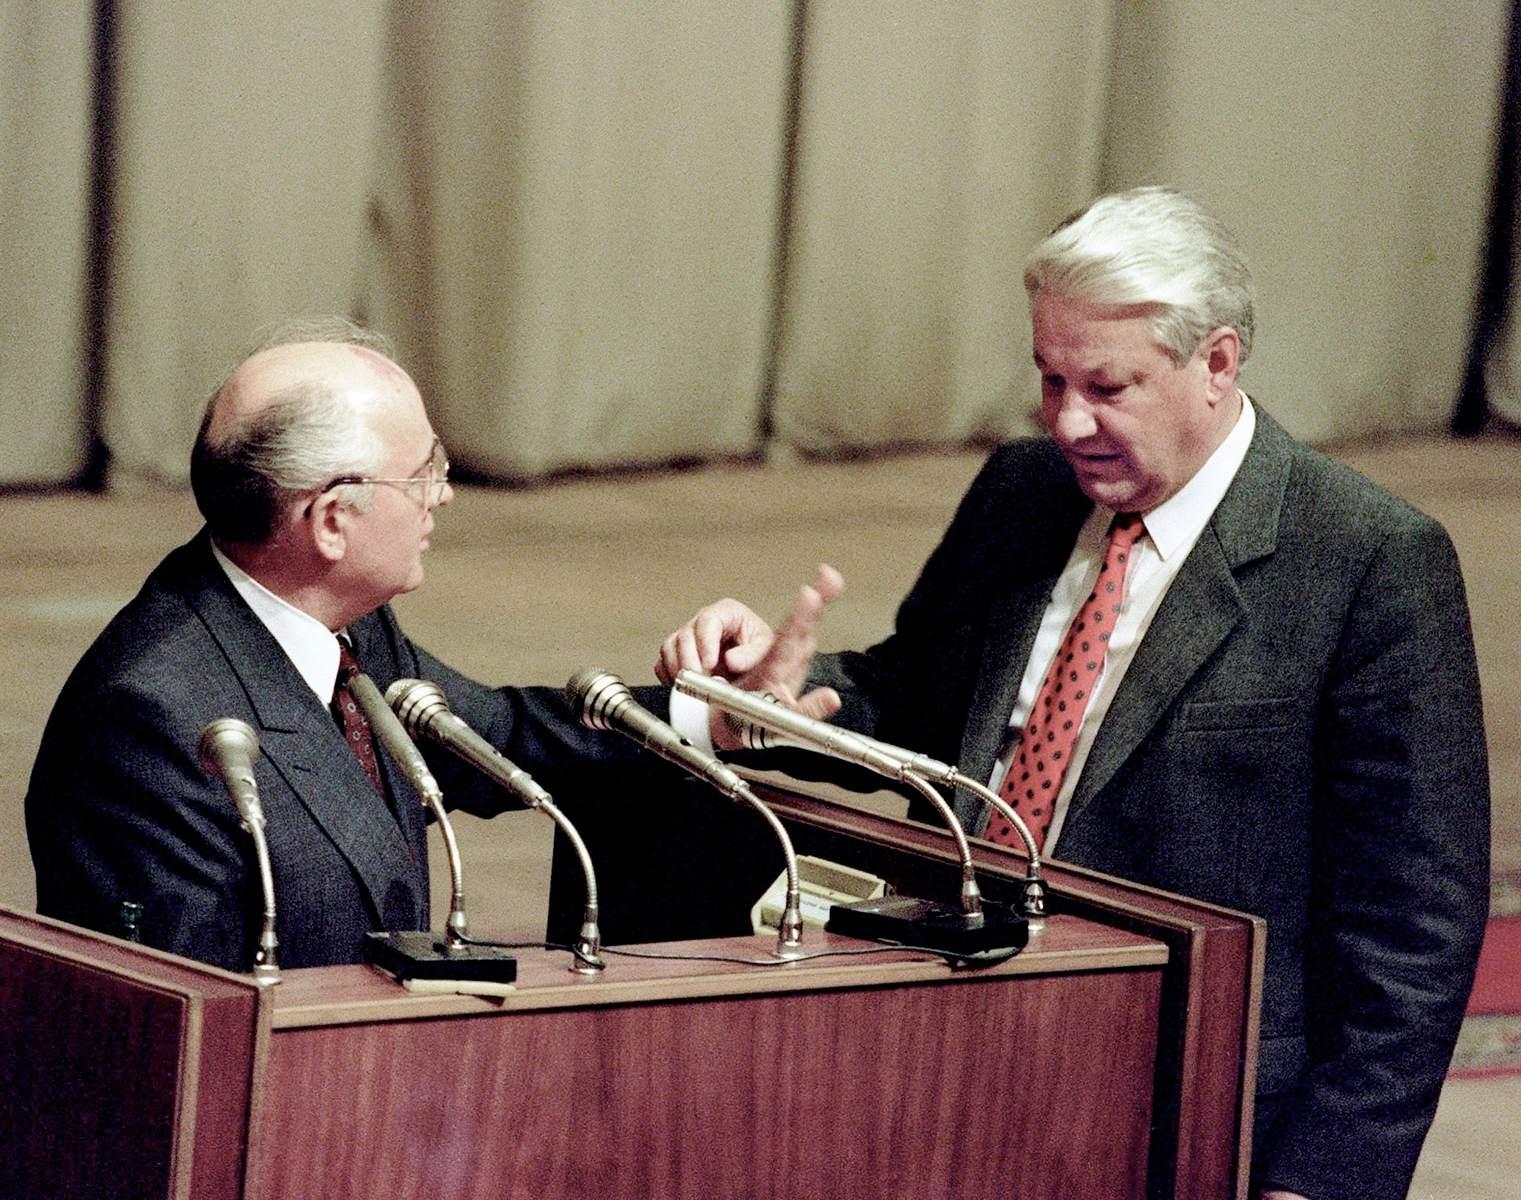 Глава СССР М. Горбачёв не воспрепятствовал сепаратизму Ельцина, и в декабре 1991 года «Союз нерушимых…» ушeл в небытие